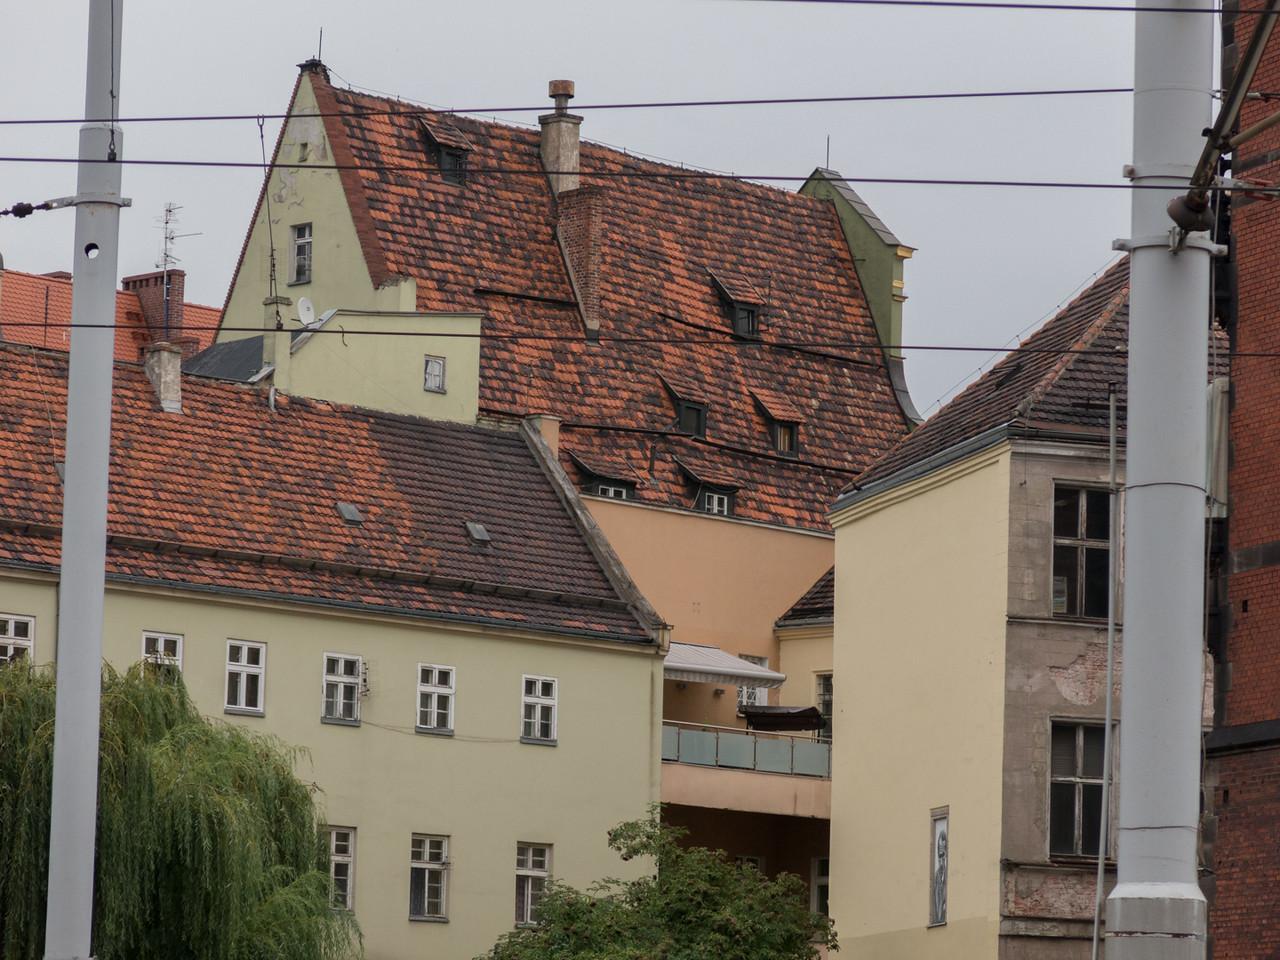 wroclaw_2016-08-09_171809